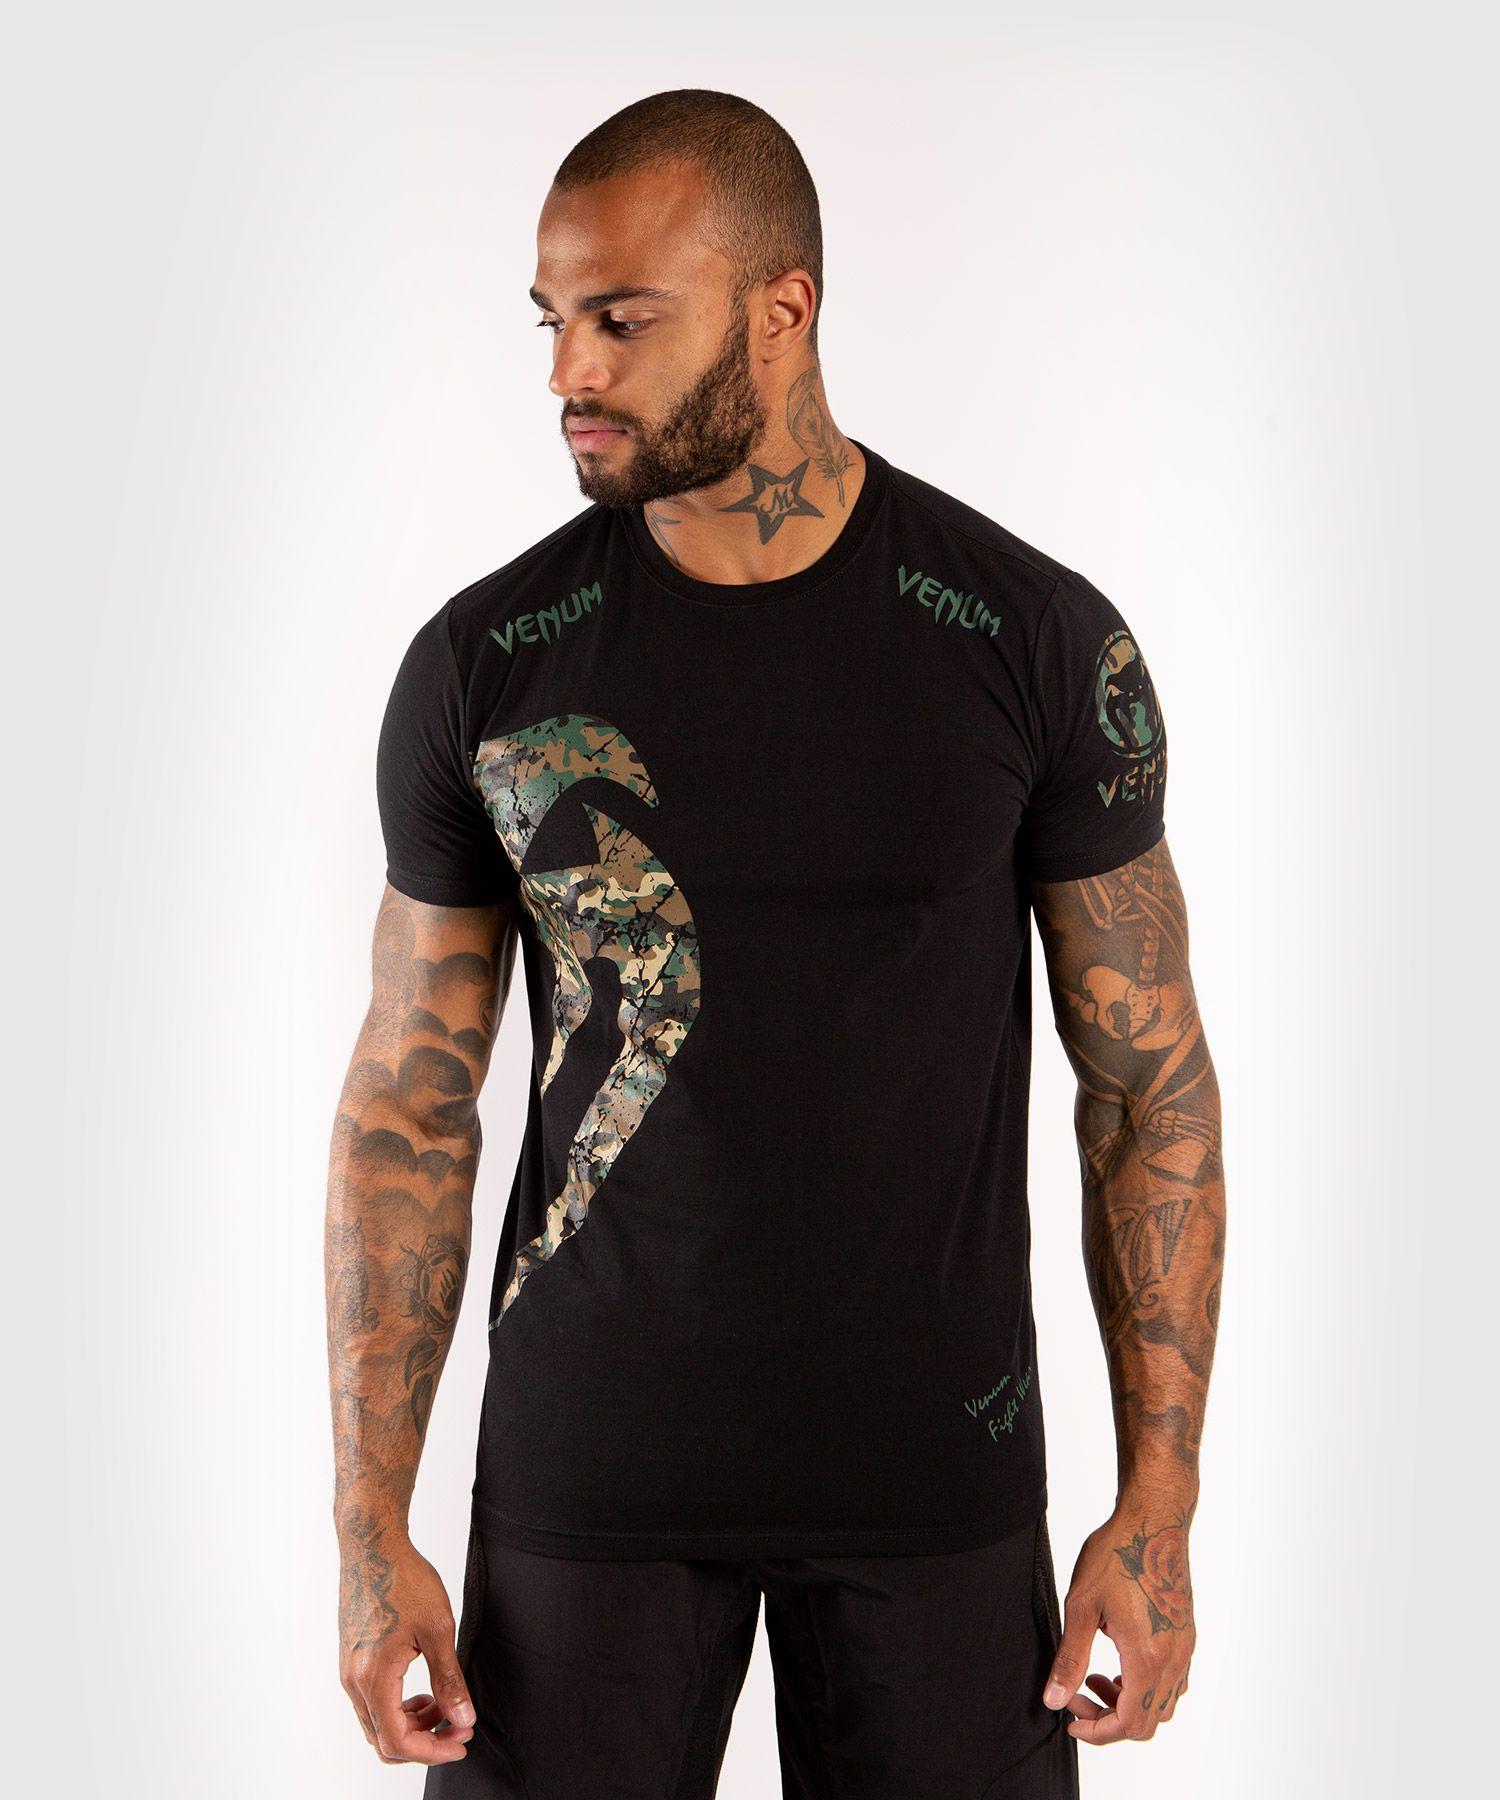 Camiseta Venum Original Giant - Negro/Bosque Camo